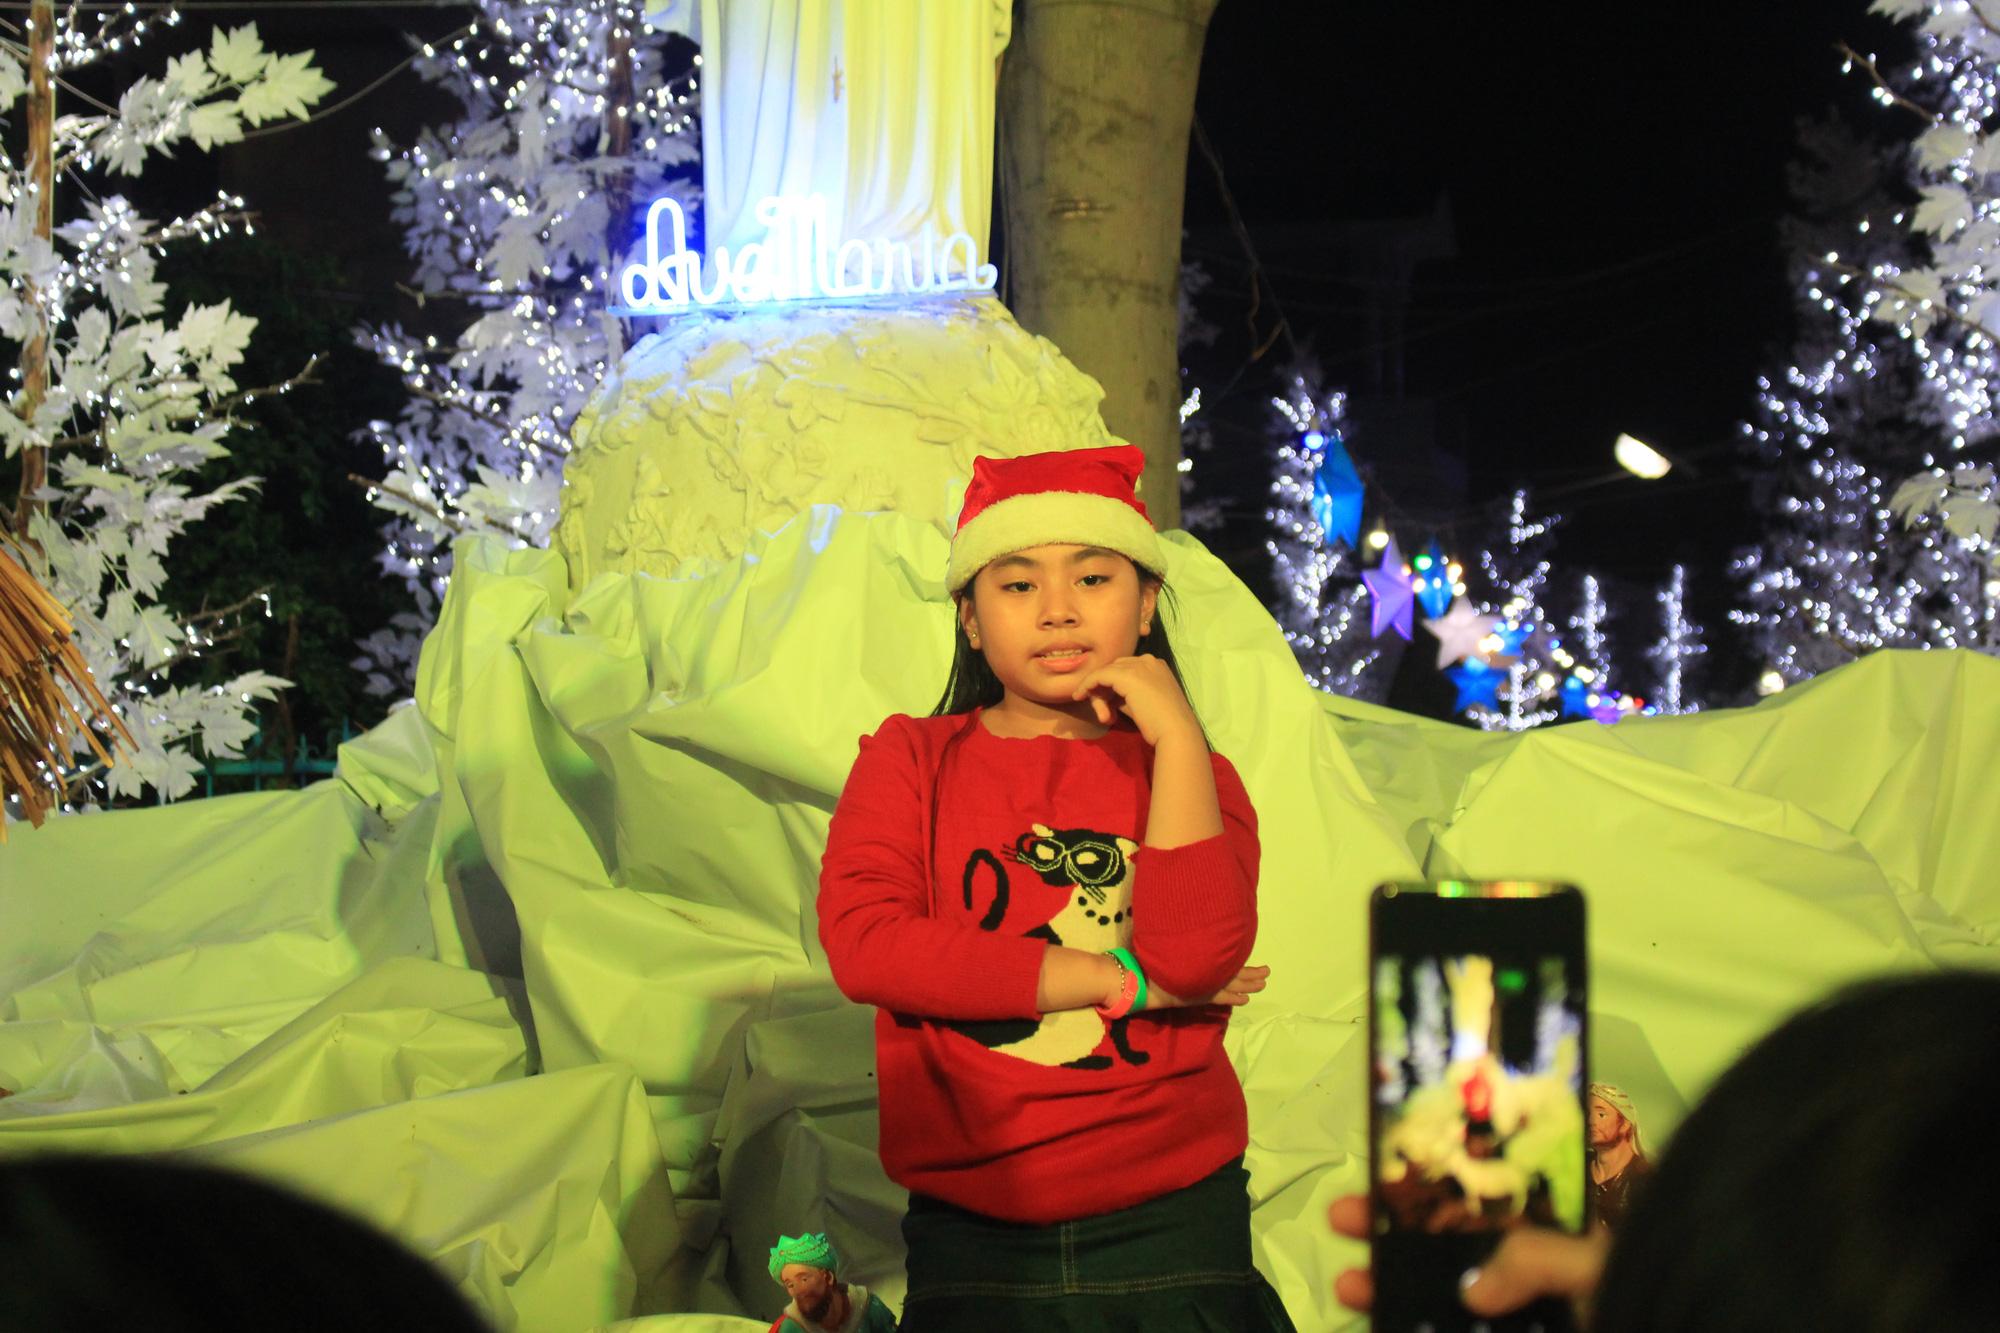 Đường Sài Gòn tắc nghẽn, người dân đổ xô đi chơi Giáng sinh - Ảnh 6.